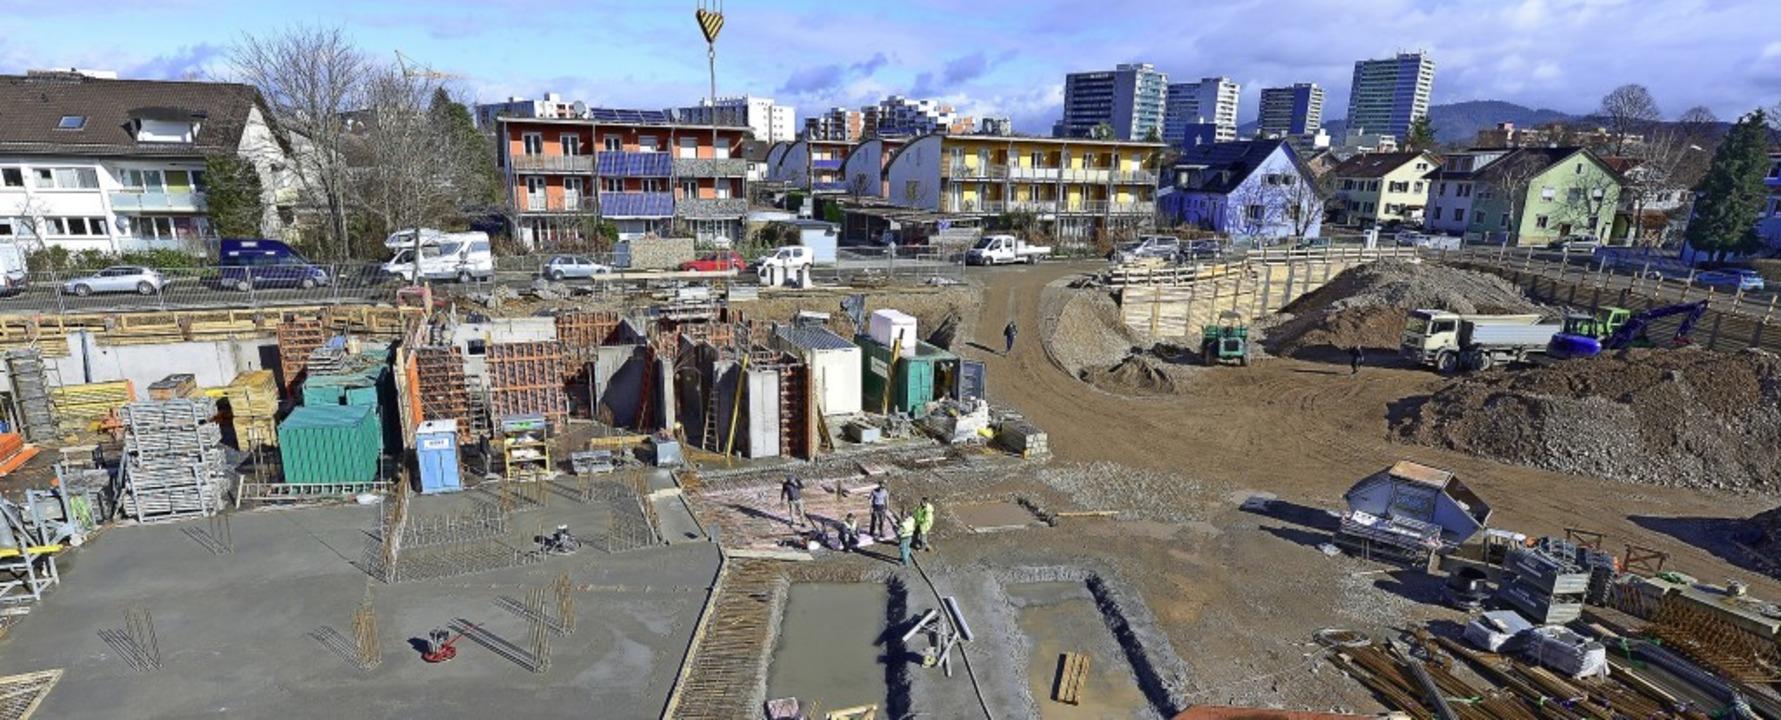 Auf der Großbaustelle im Gebiet Haid e...tte mit Wohnungen und Gewerbeflächen.   | Foto: Ingo Schneider